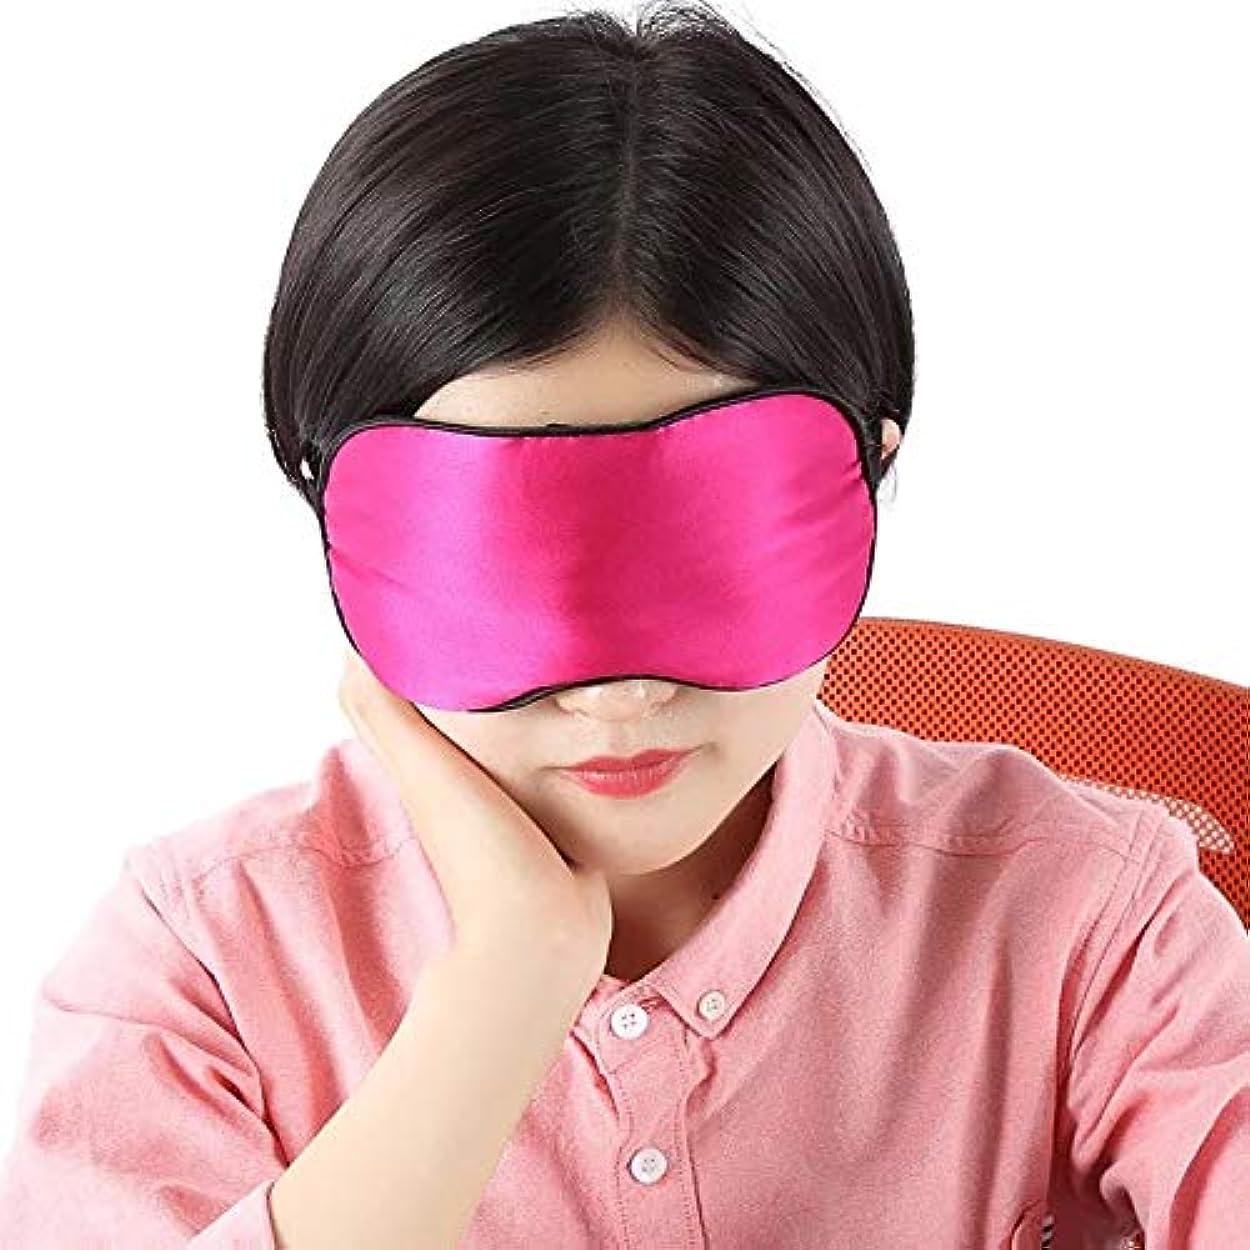 あまりにも請願者傾くNOTE 1ピース両面シルクまたはコールド圧縮緩和疲労緩和アイシェードアイ睡眠マスク目隠しカバー用良い睡眠